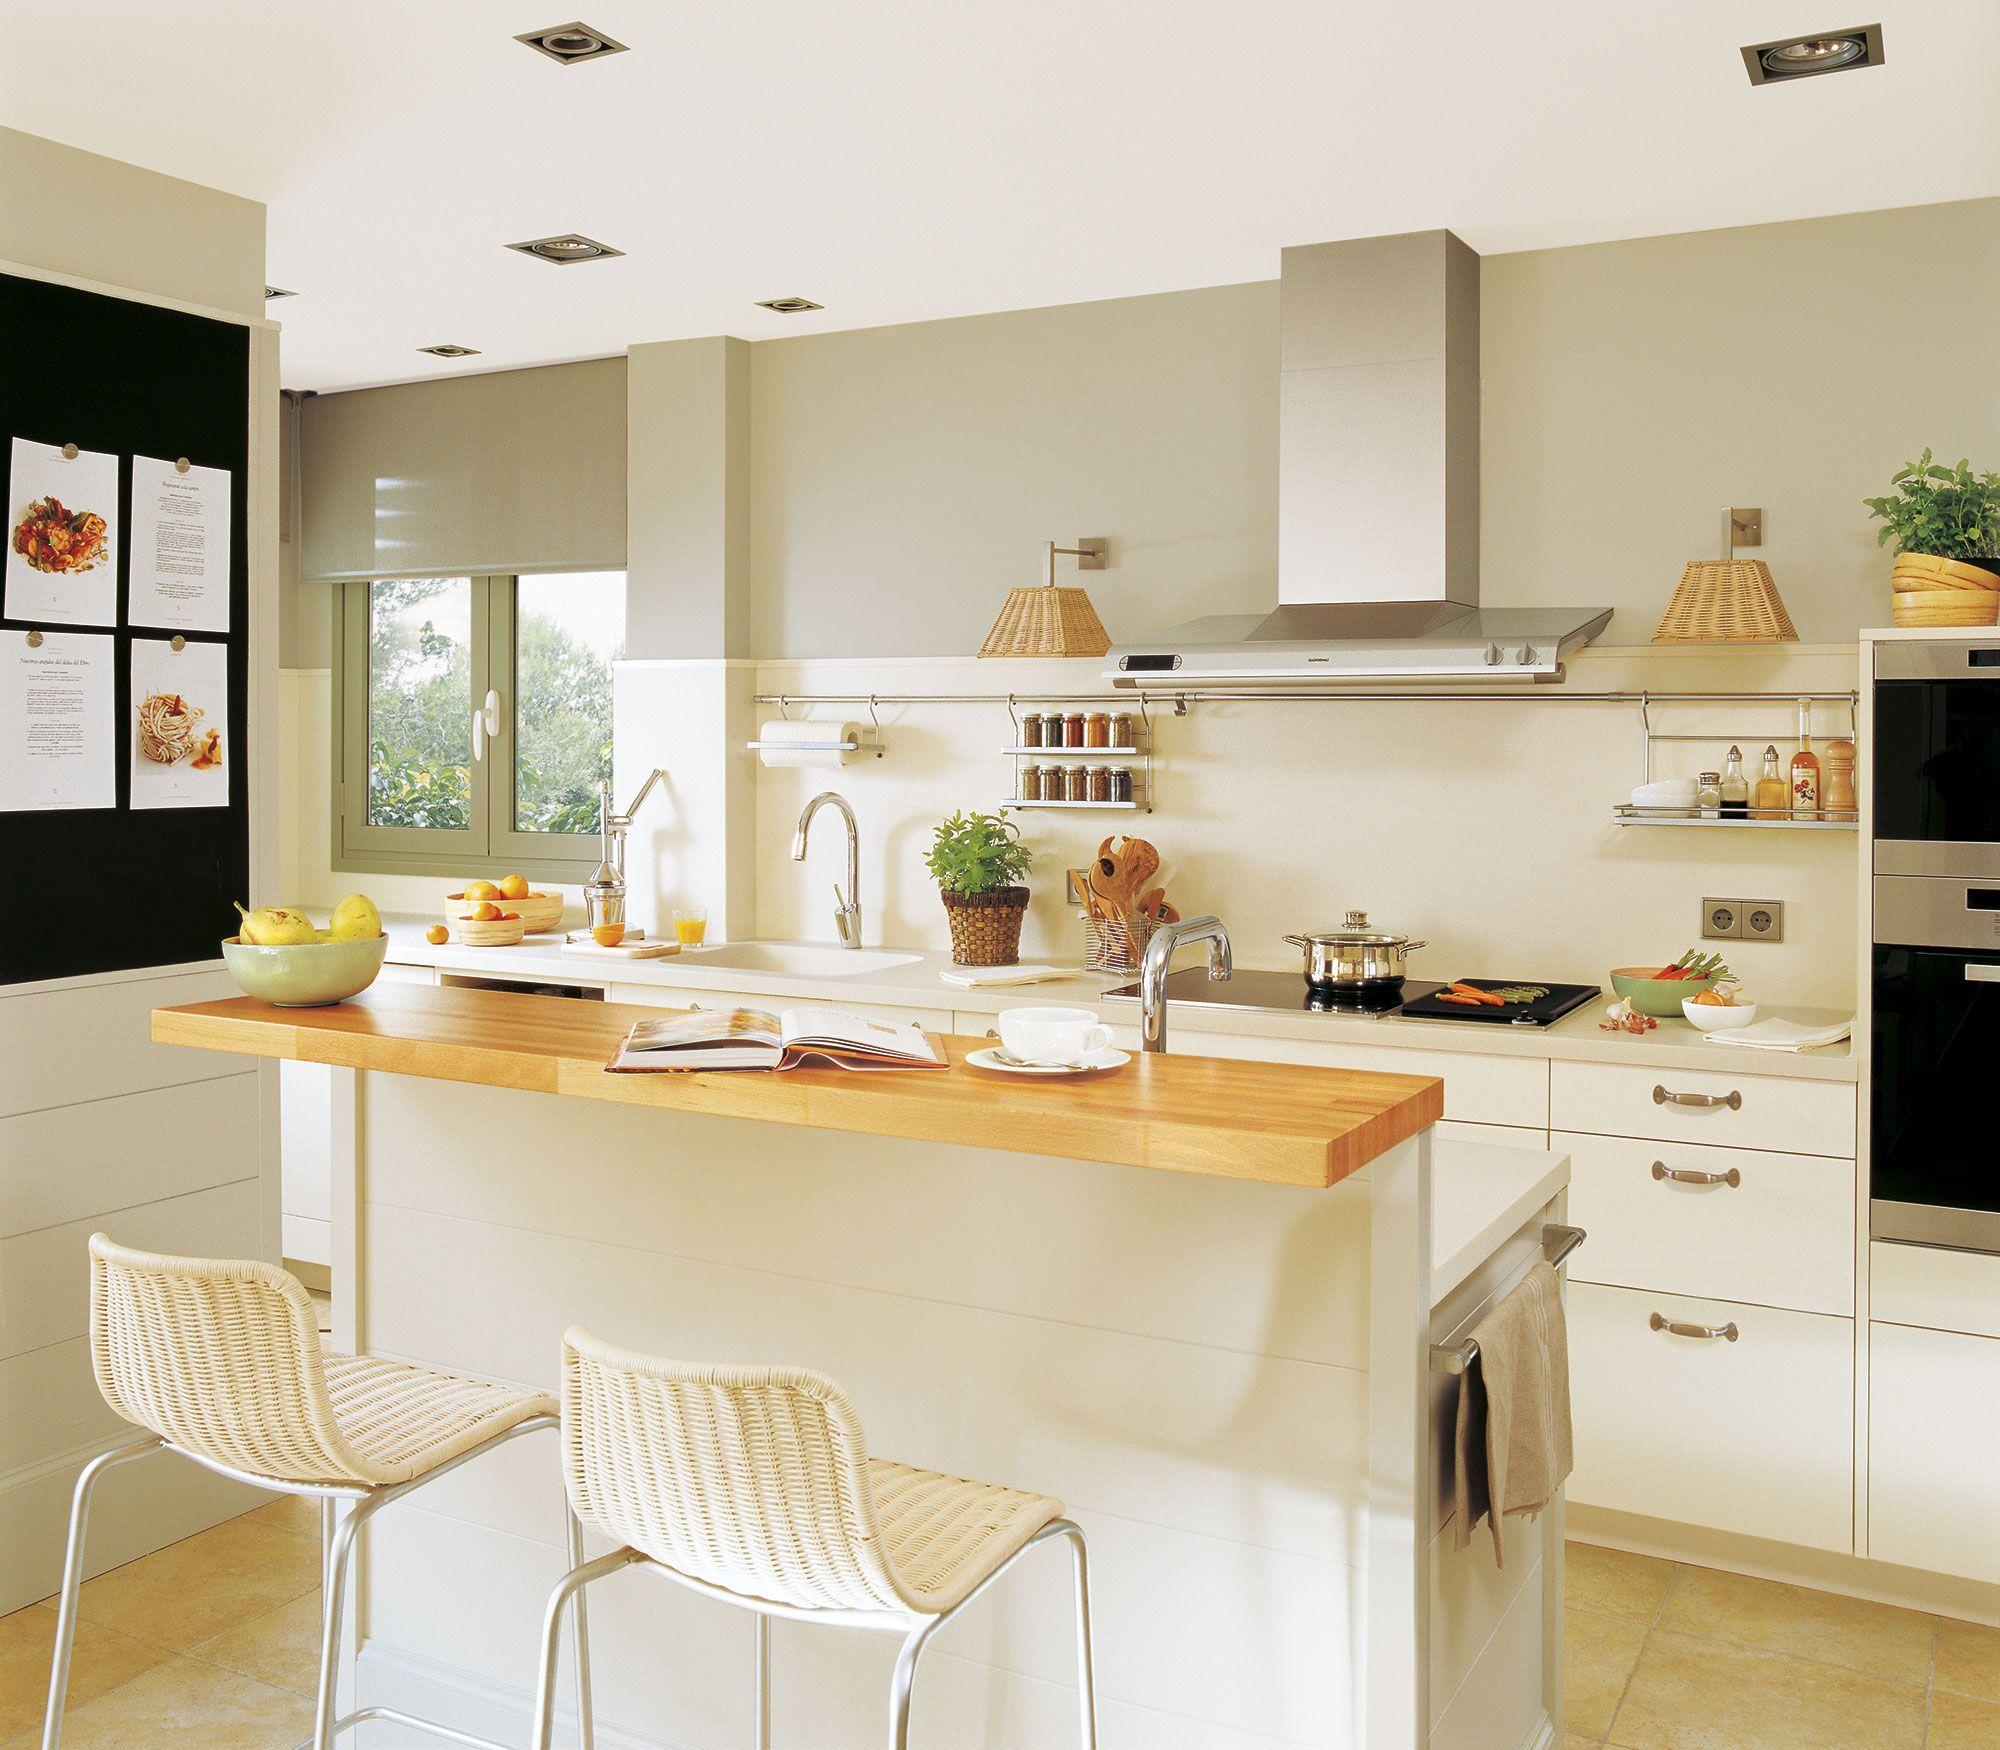 Desayuno, comida o cena en la cocina | Cocina con isla, Cocinas con ...